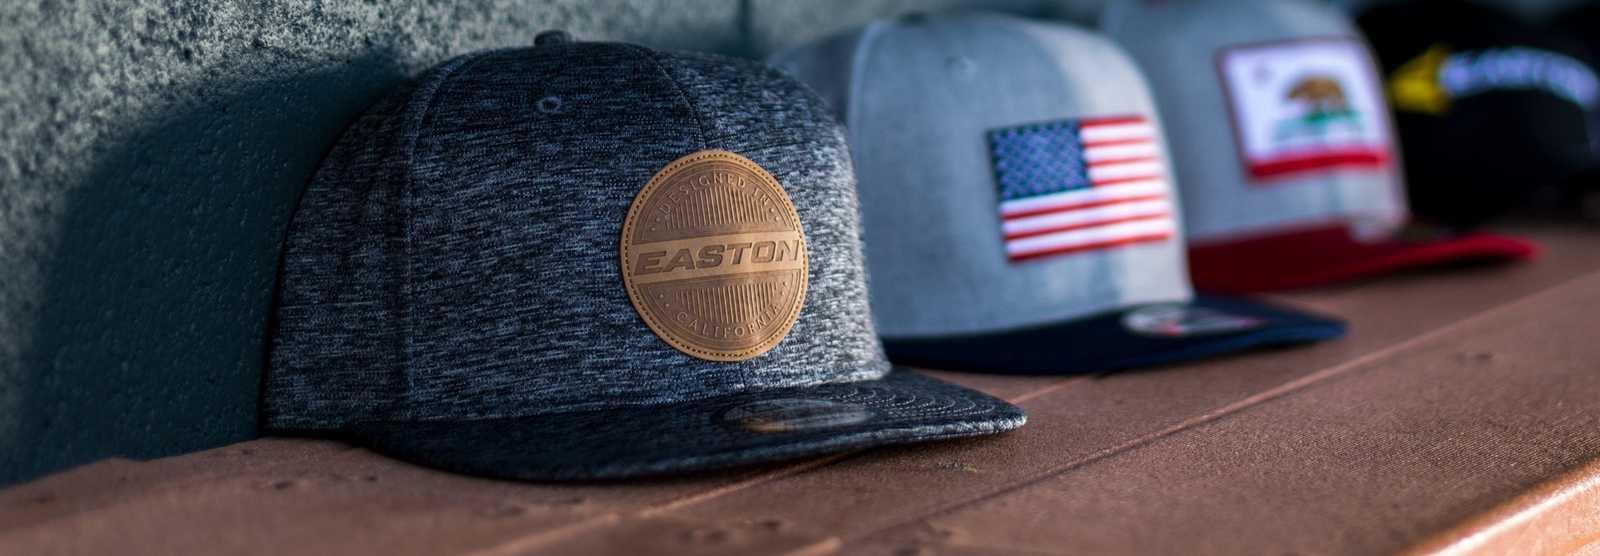 baseball-hats-caps